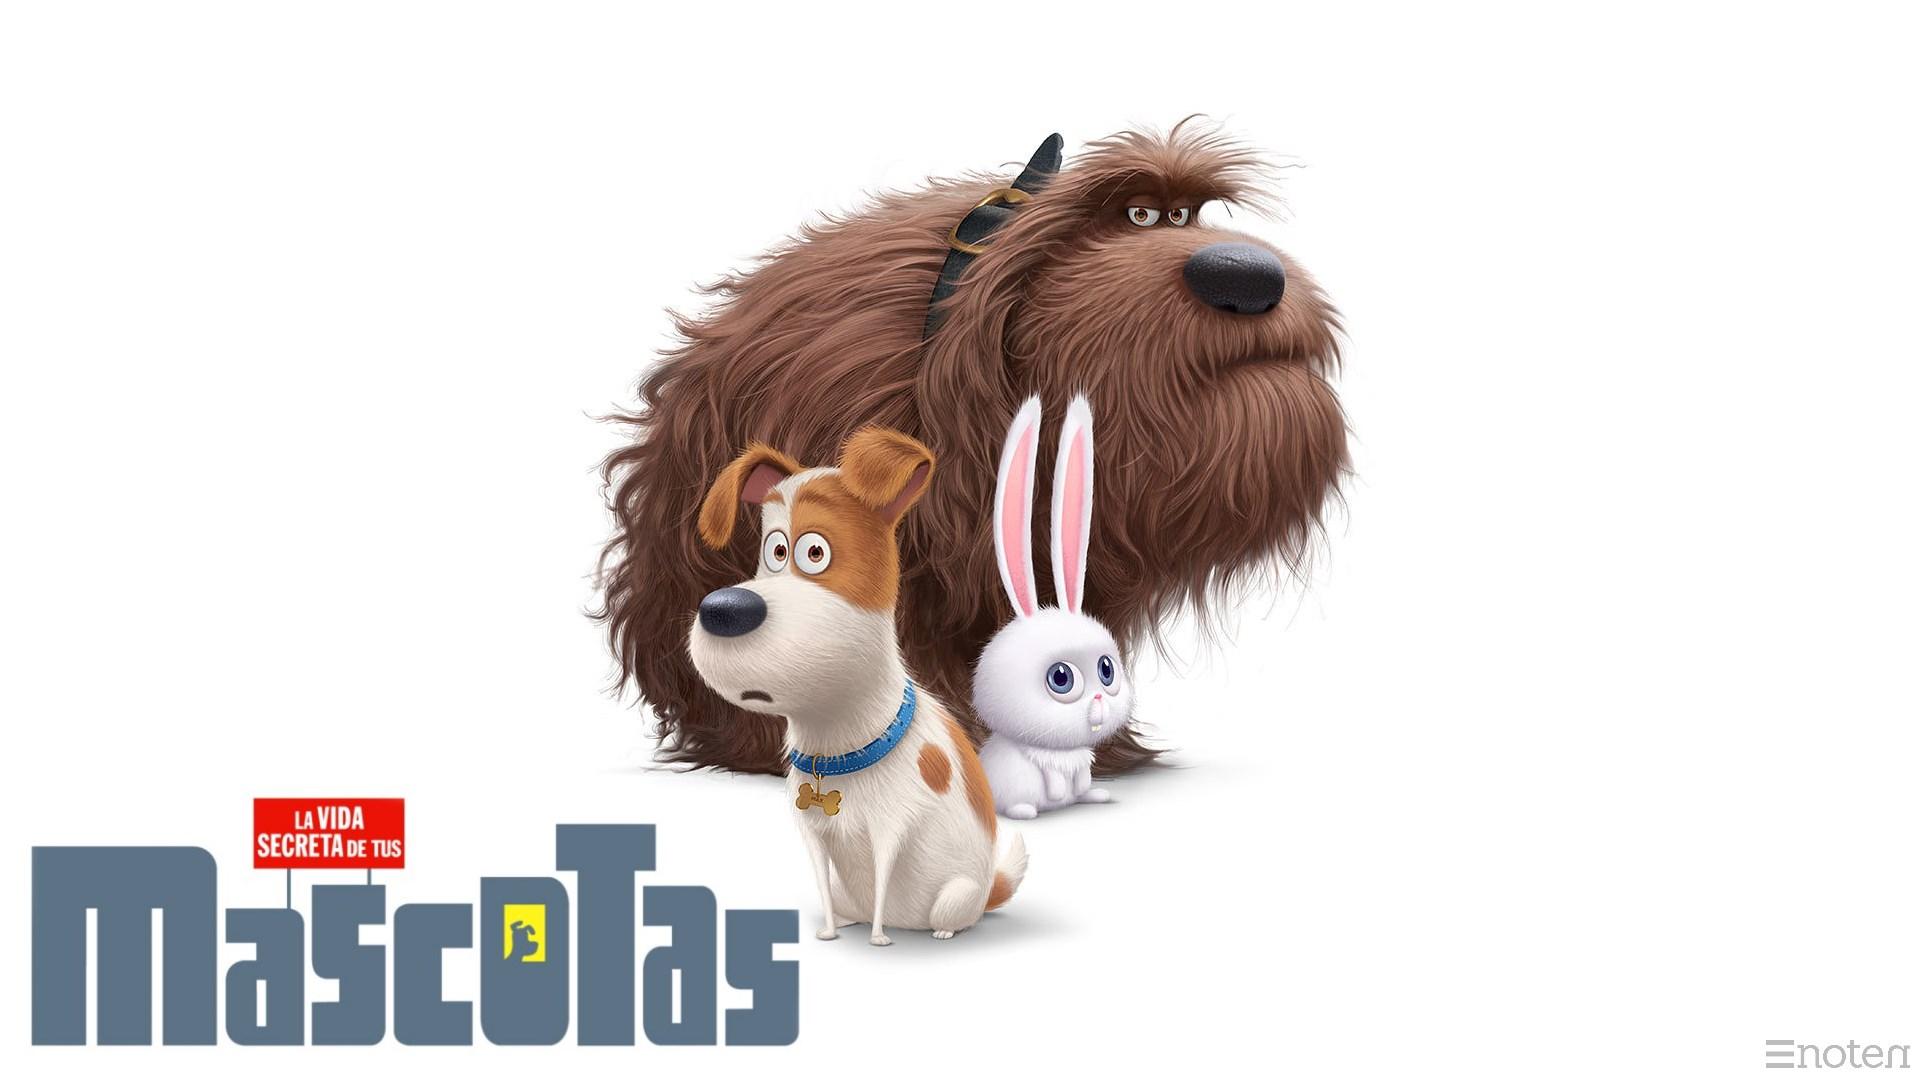 Fondos Mascotas, Wallpapers Mascotas Pelicula Gratis